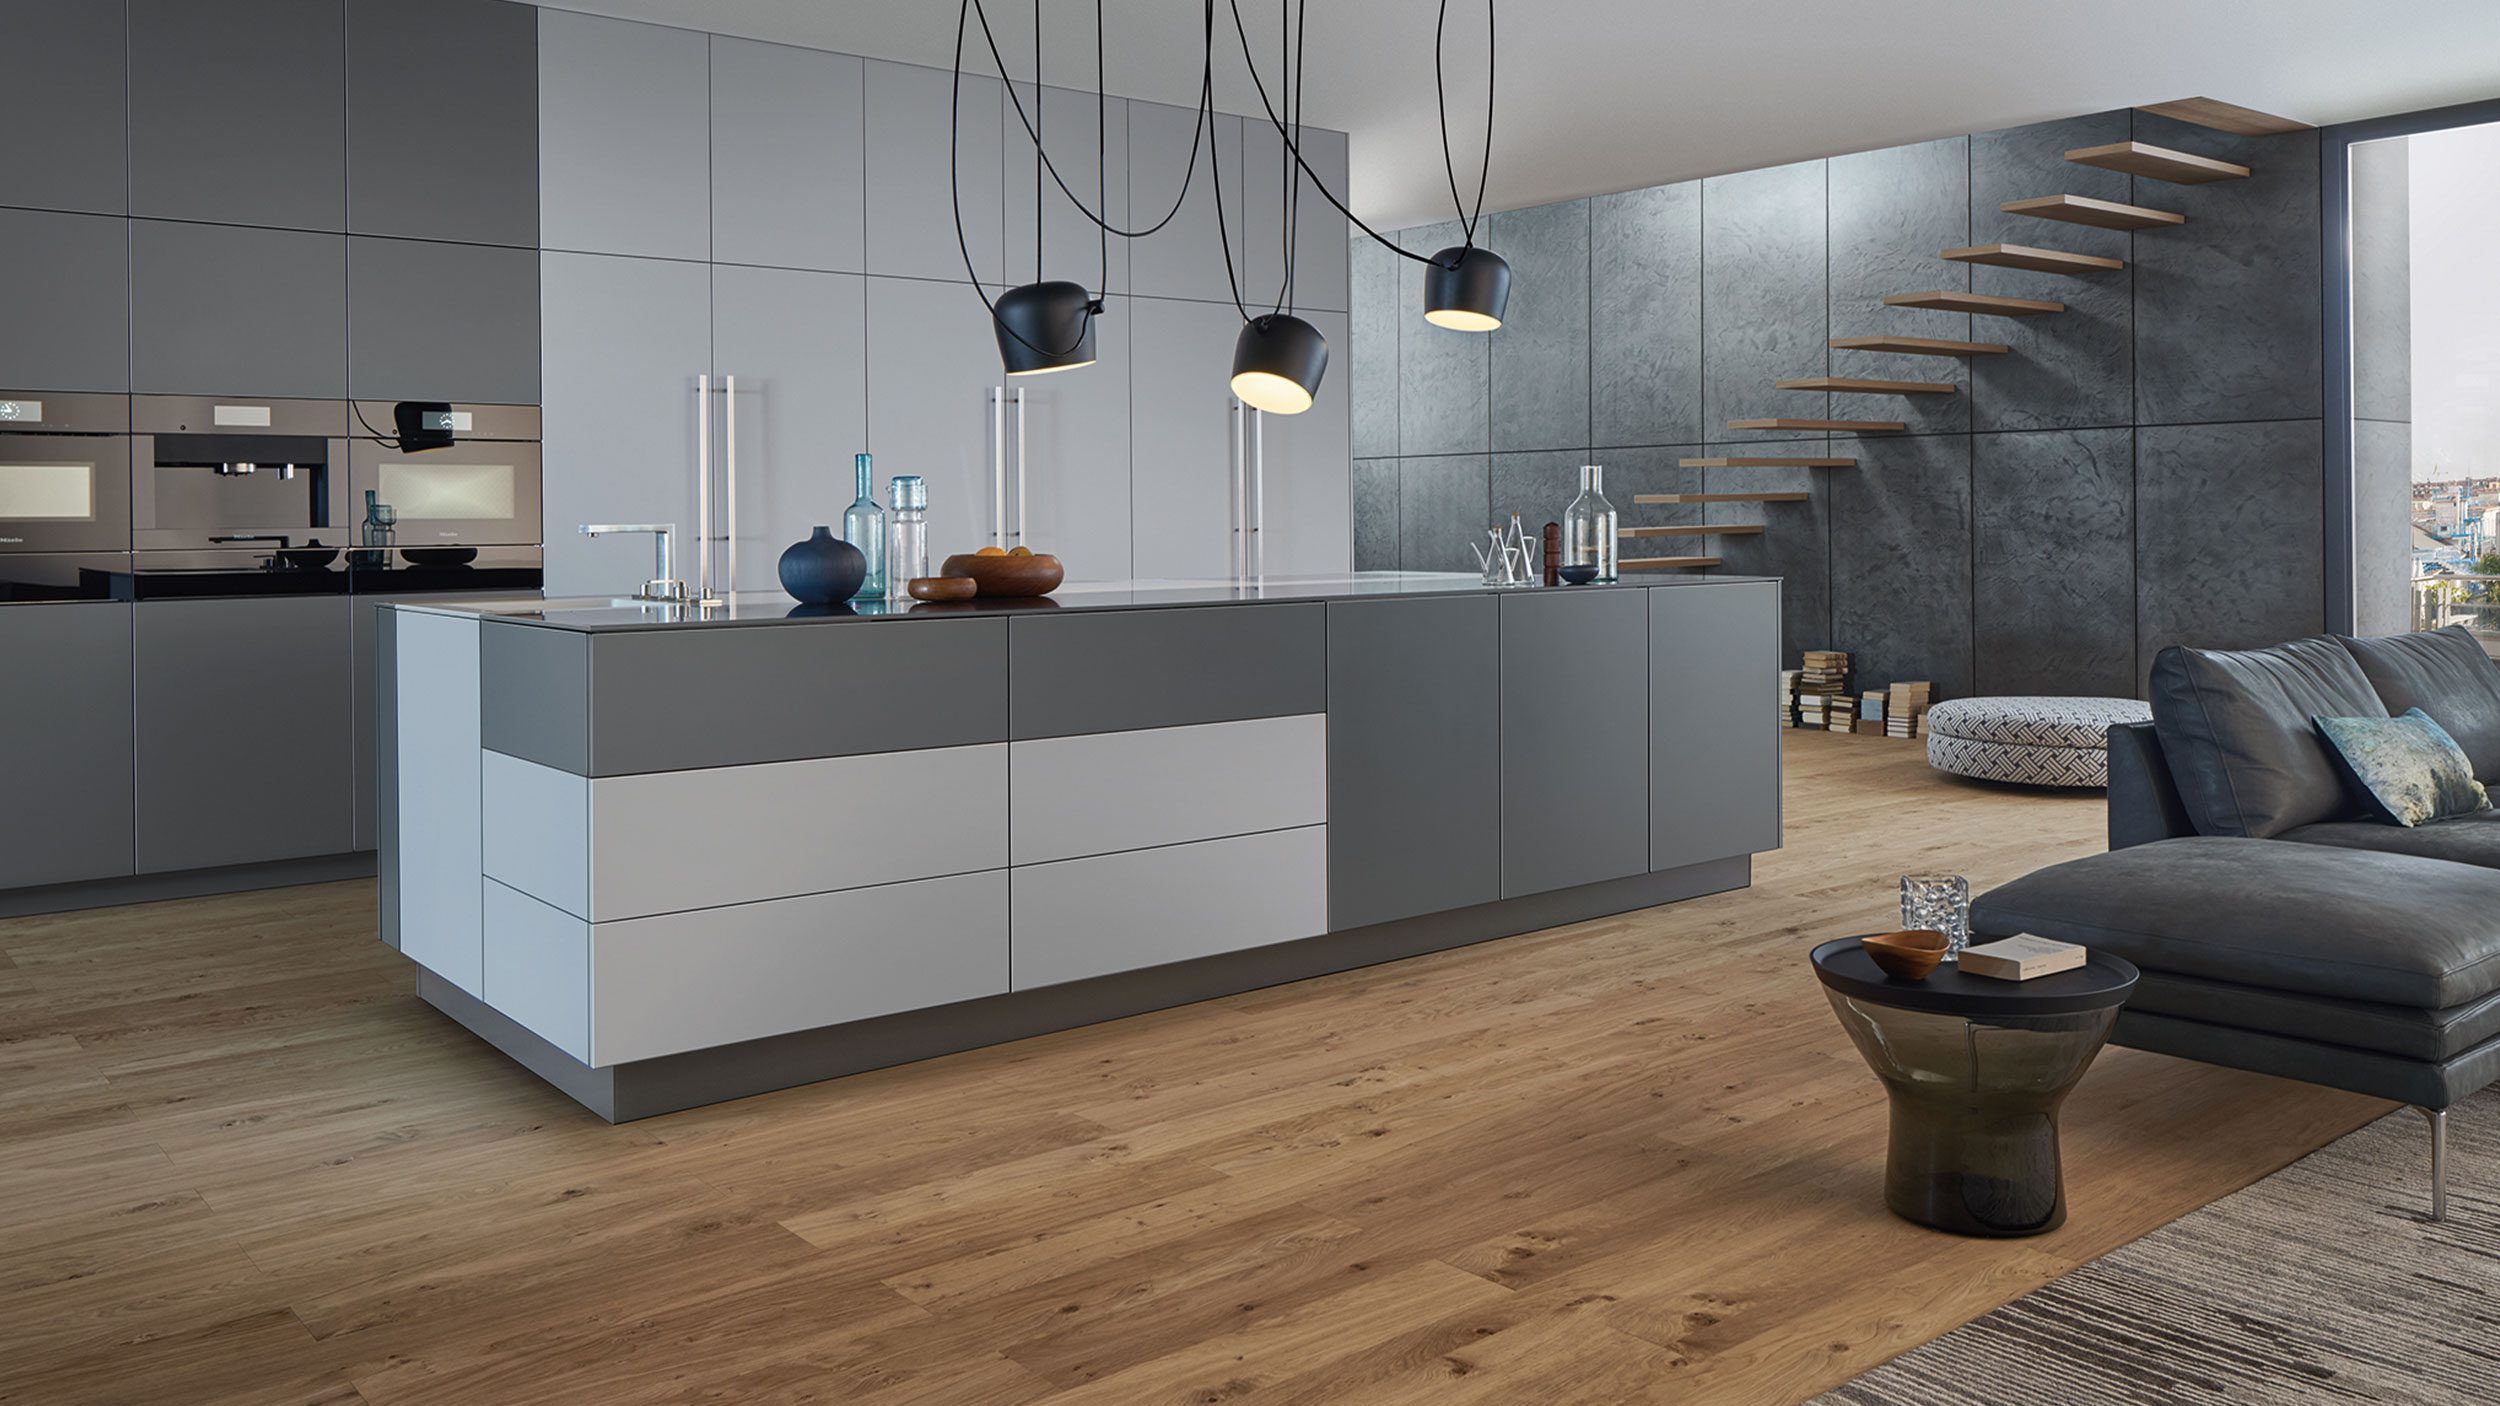 Gesamtansicht der Küche von LEICHT, Gestaltungslinie PRIMO